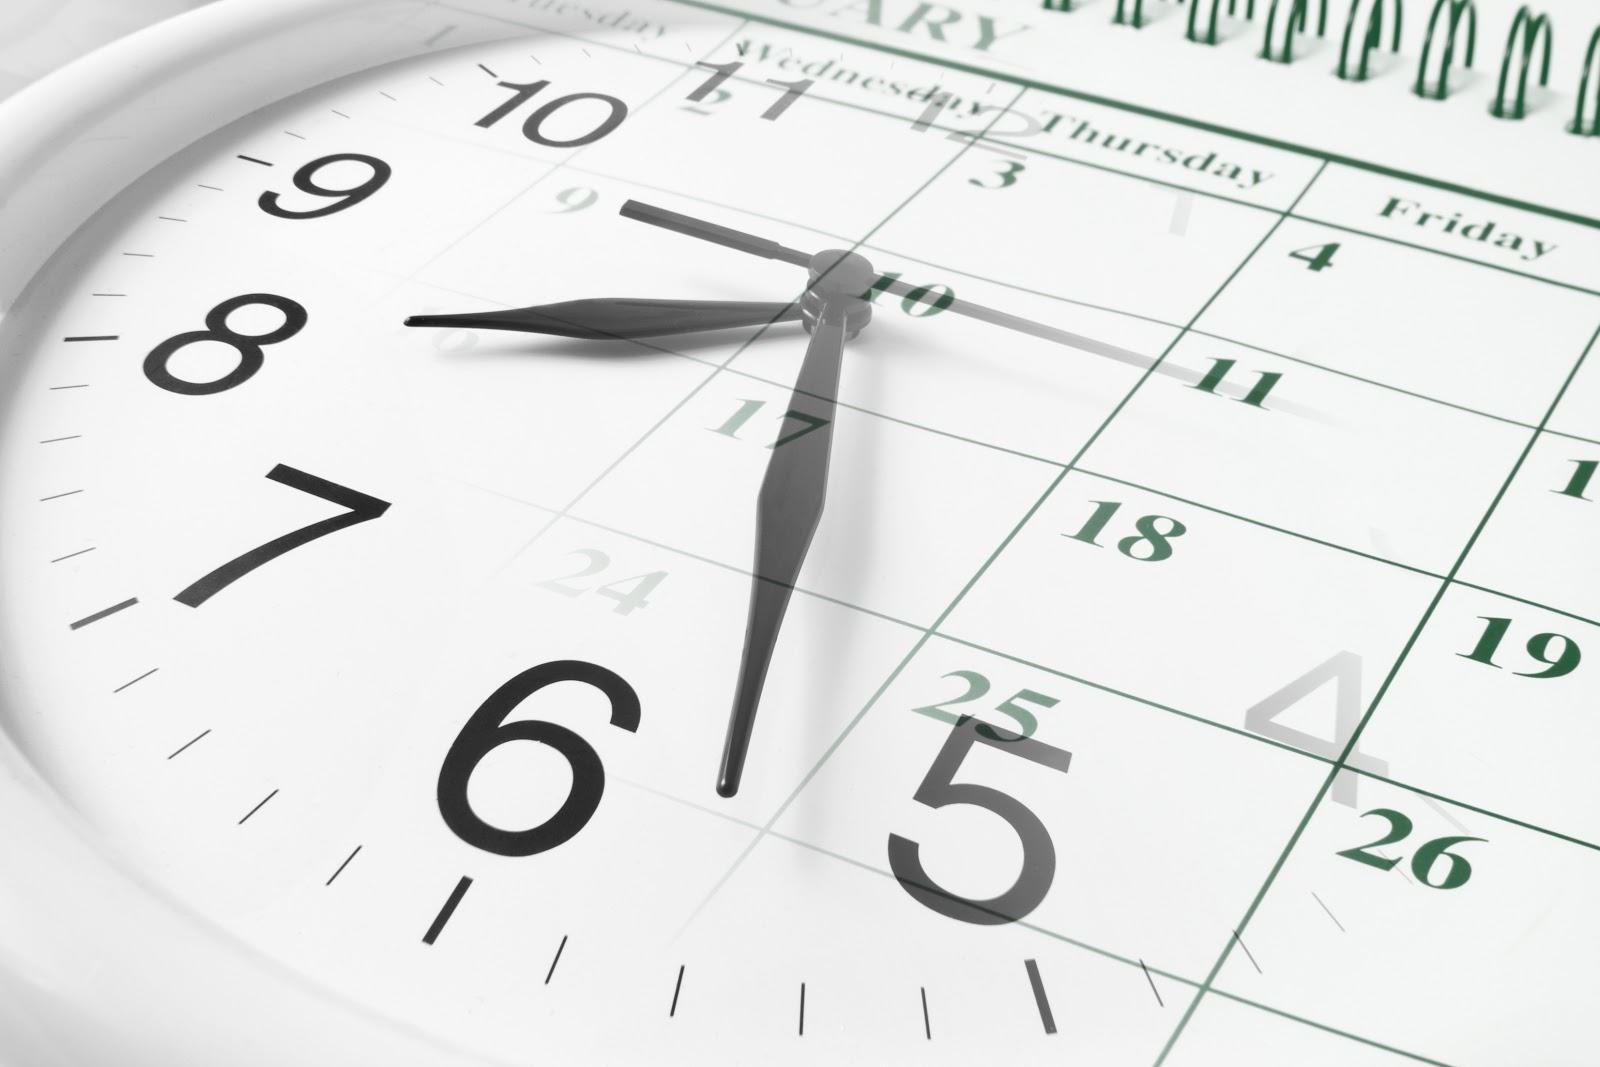 agenda NVivo - Corso Introduttivo all'uso di NVivo per Analisi Qualitativa